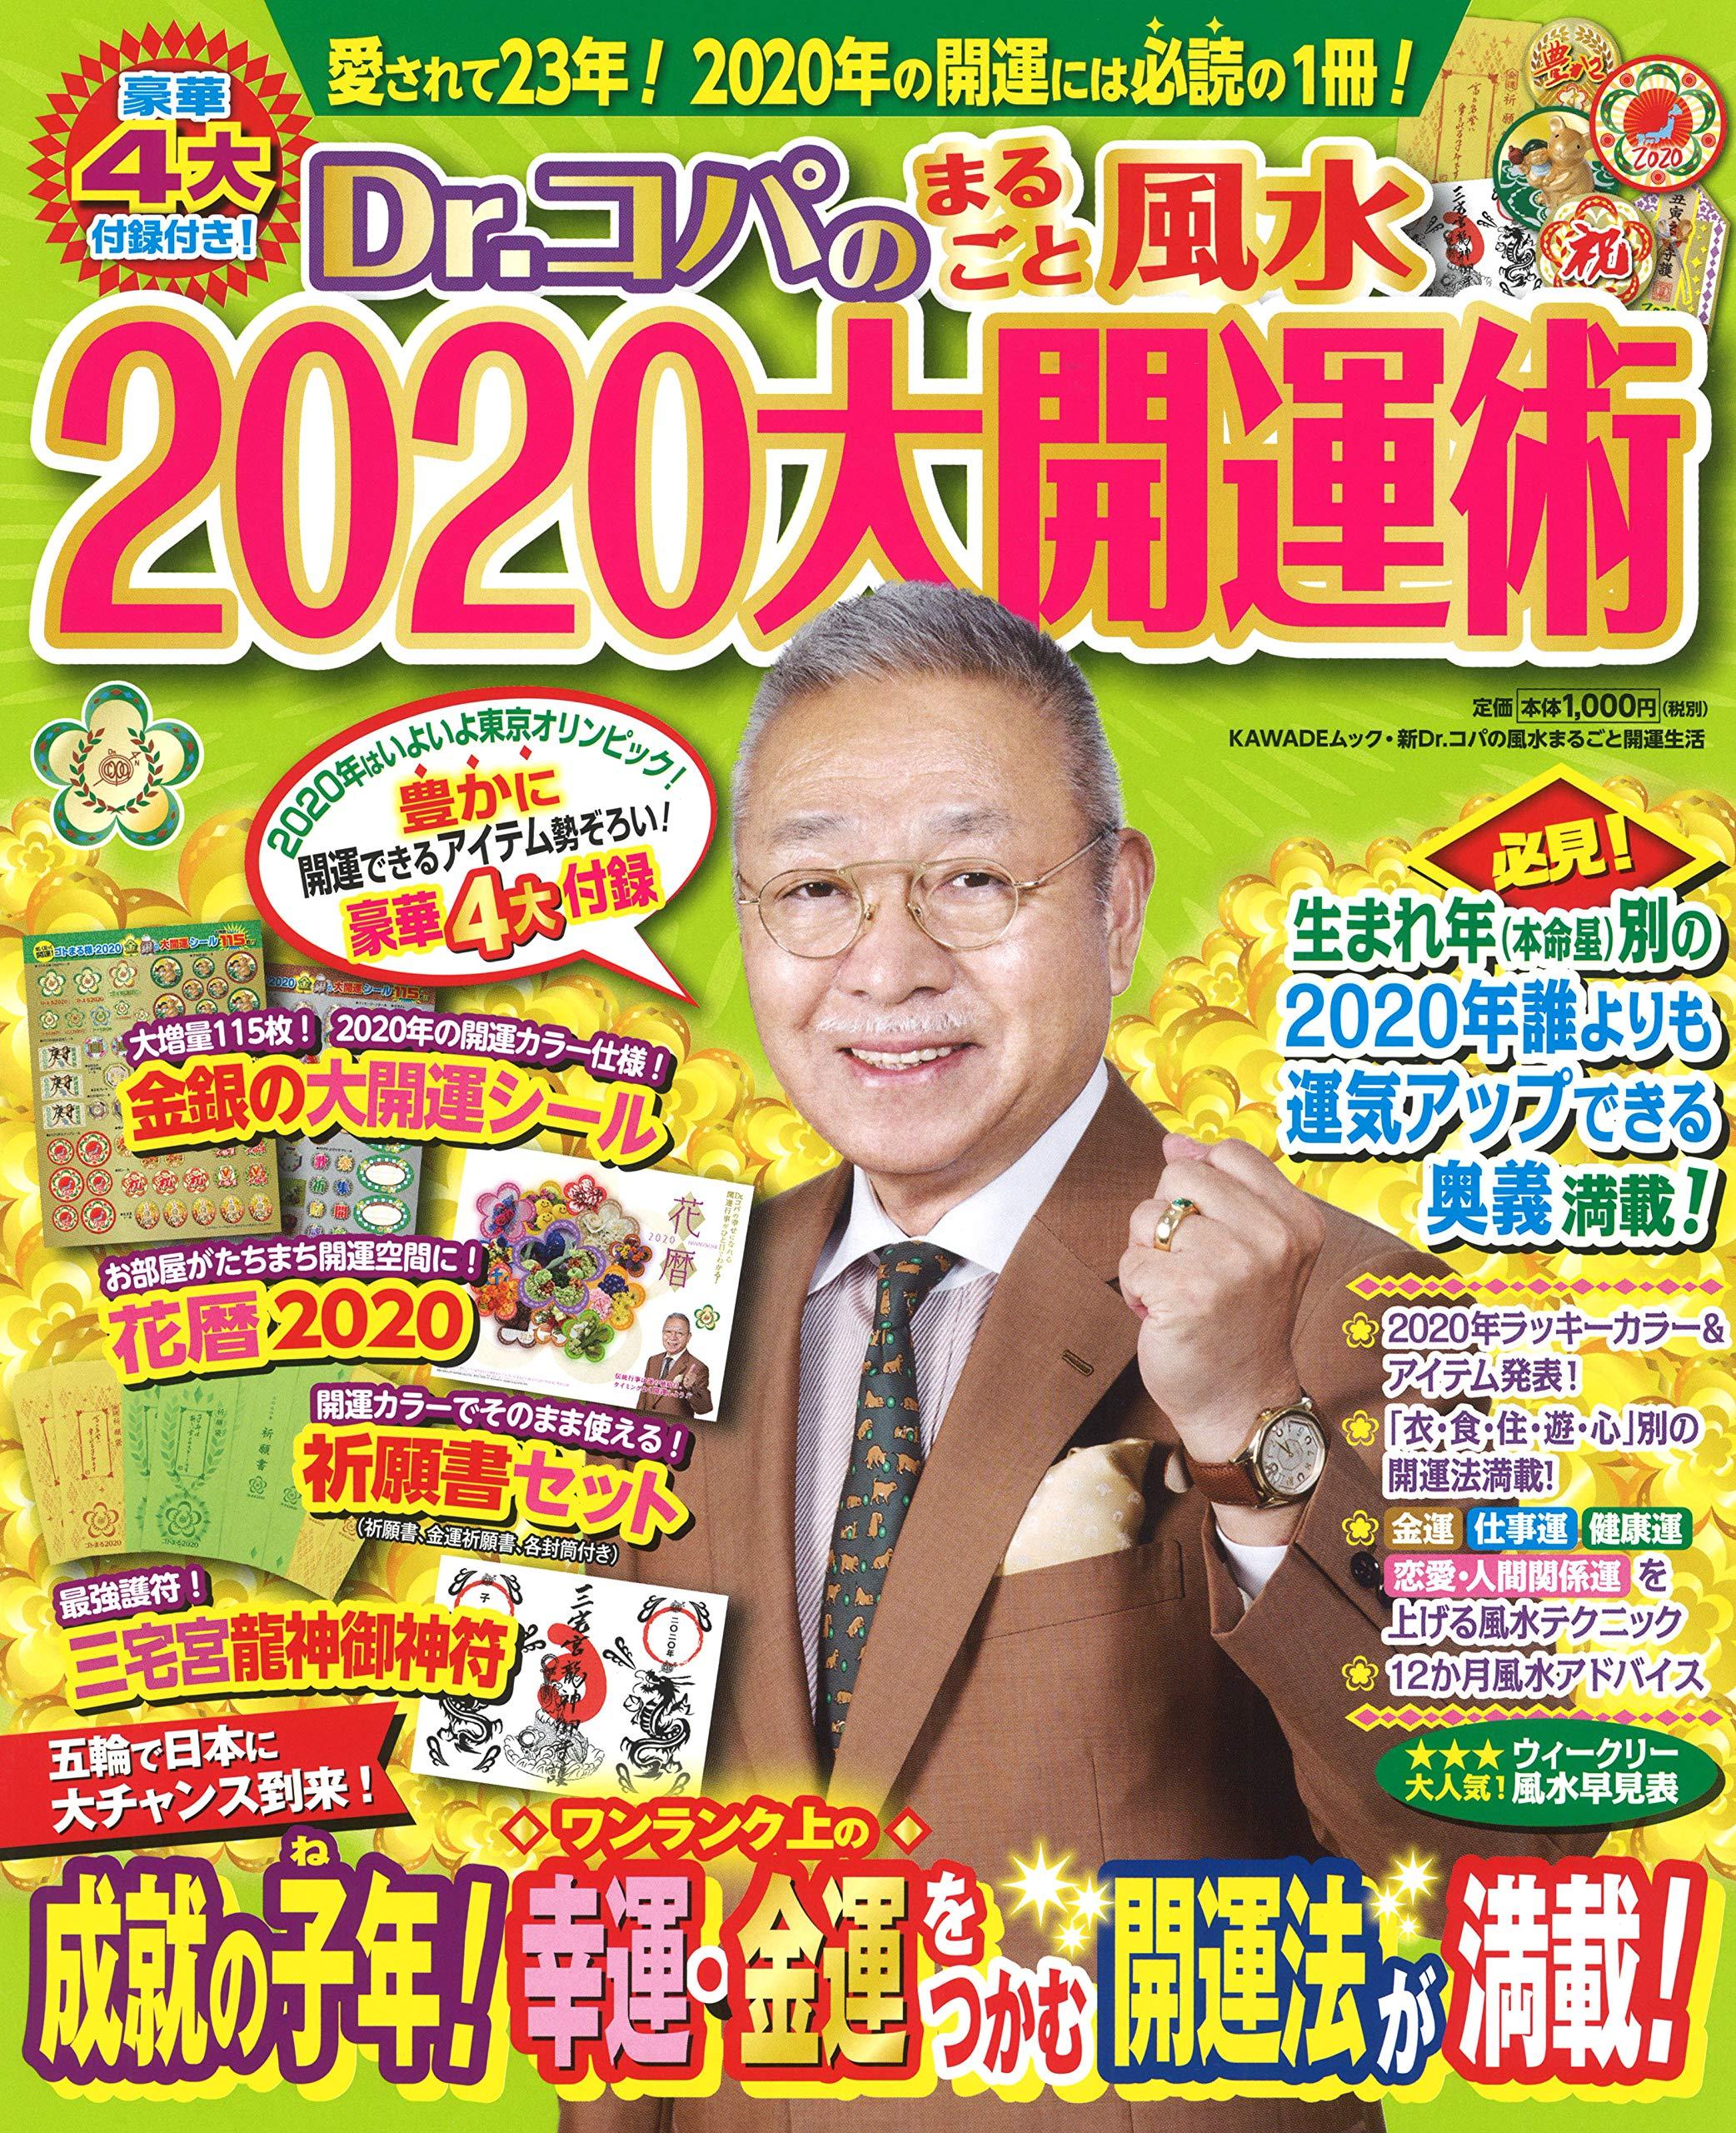 風水 2020 カラー 年 ラッキー